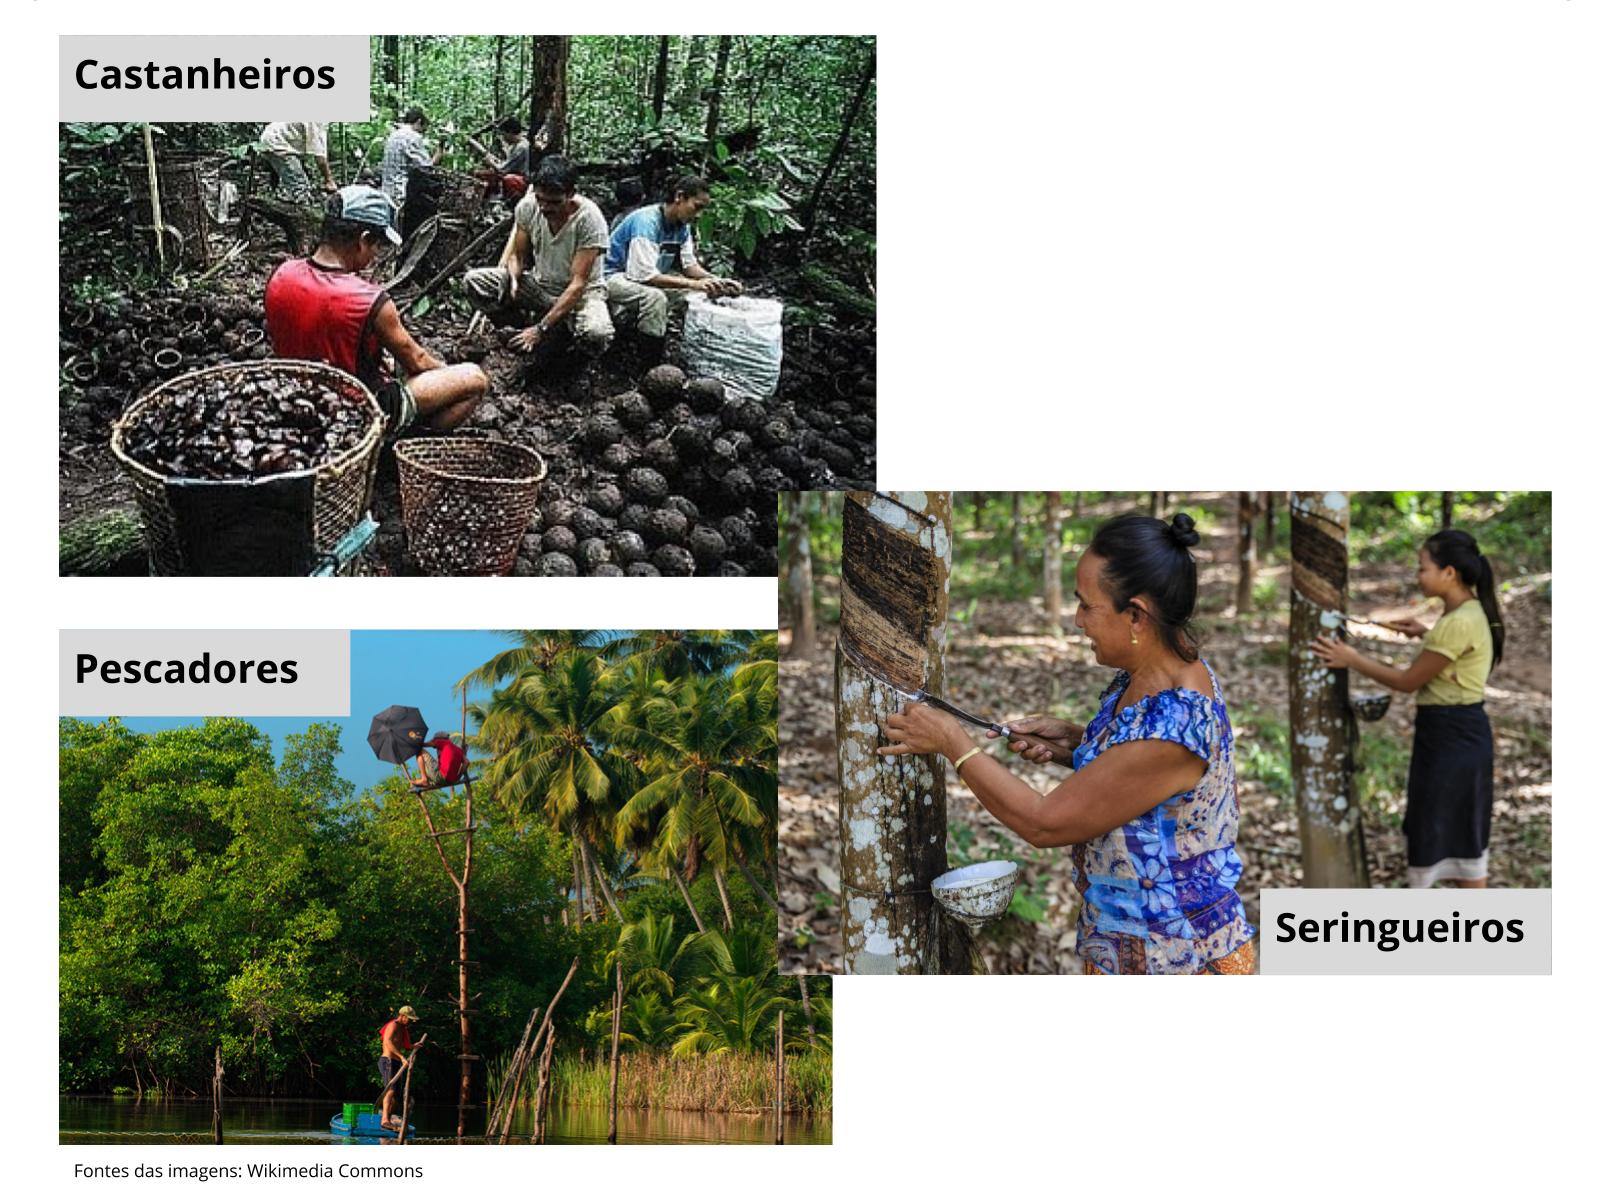 As comunidades da Amazônia e as relações estabelecidas em seu entorno